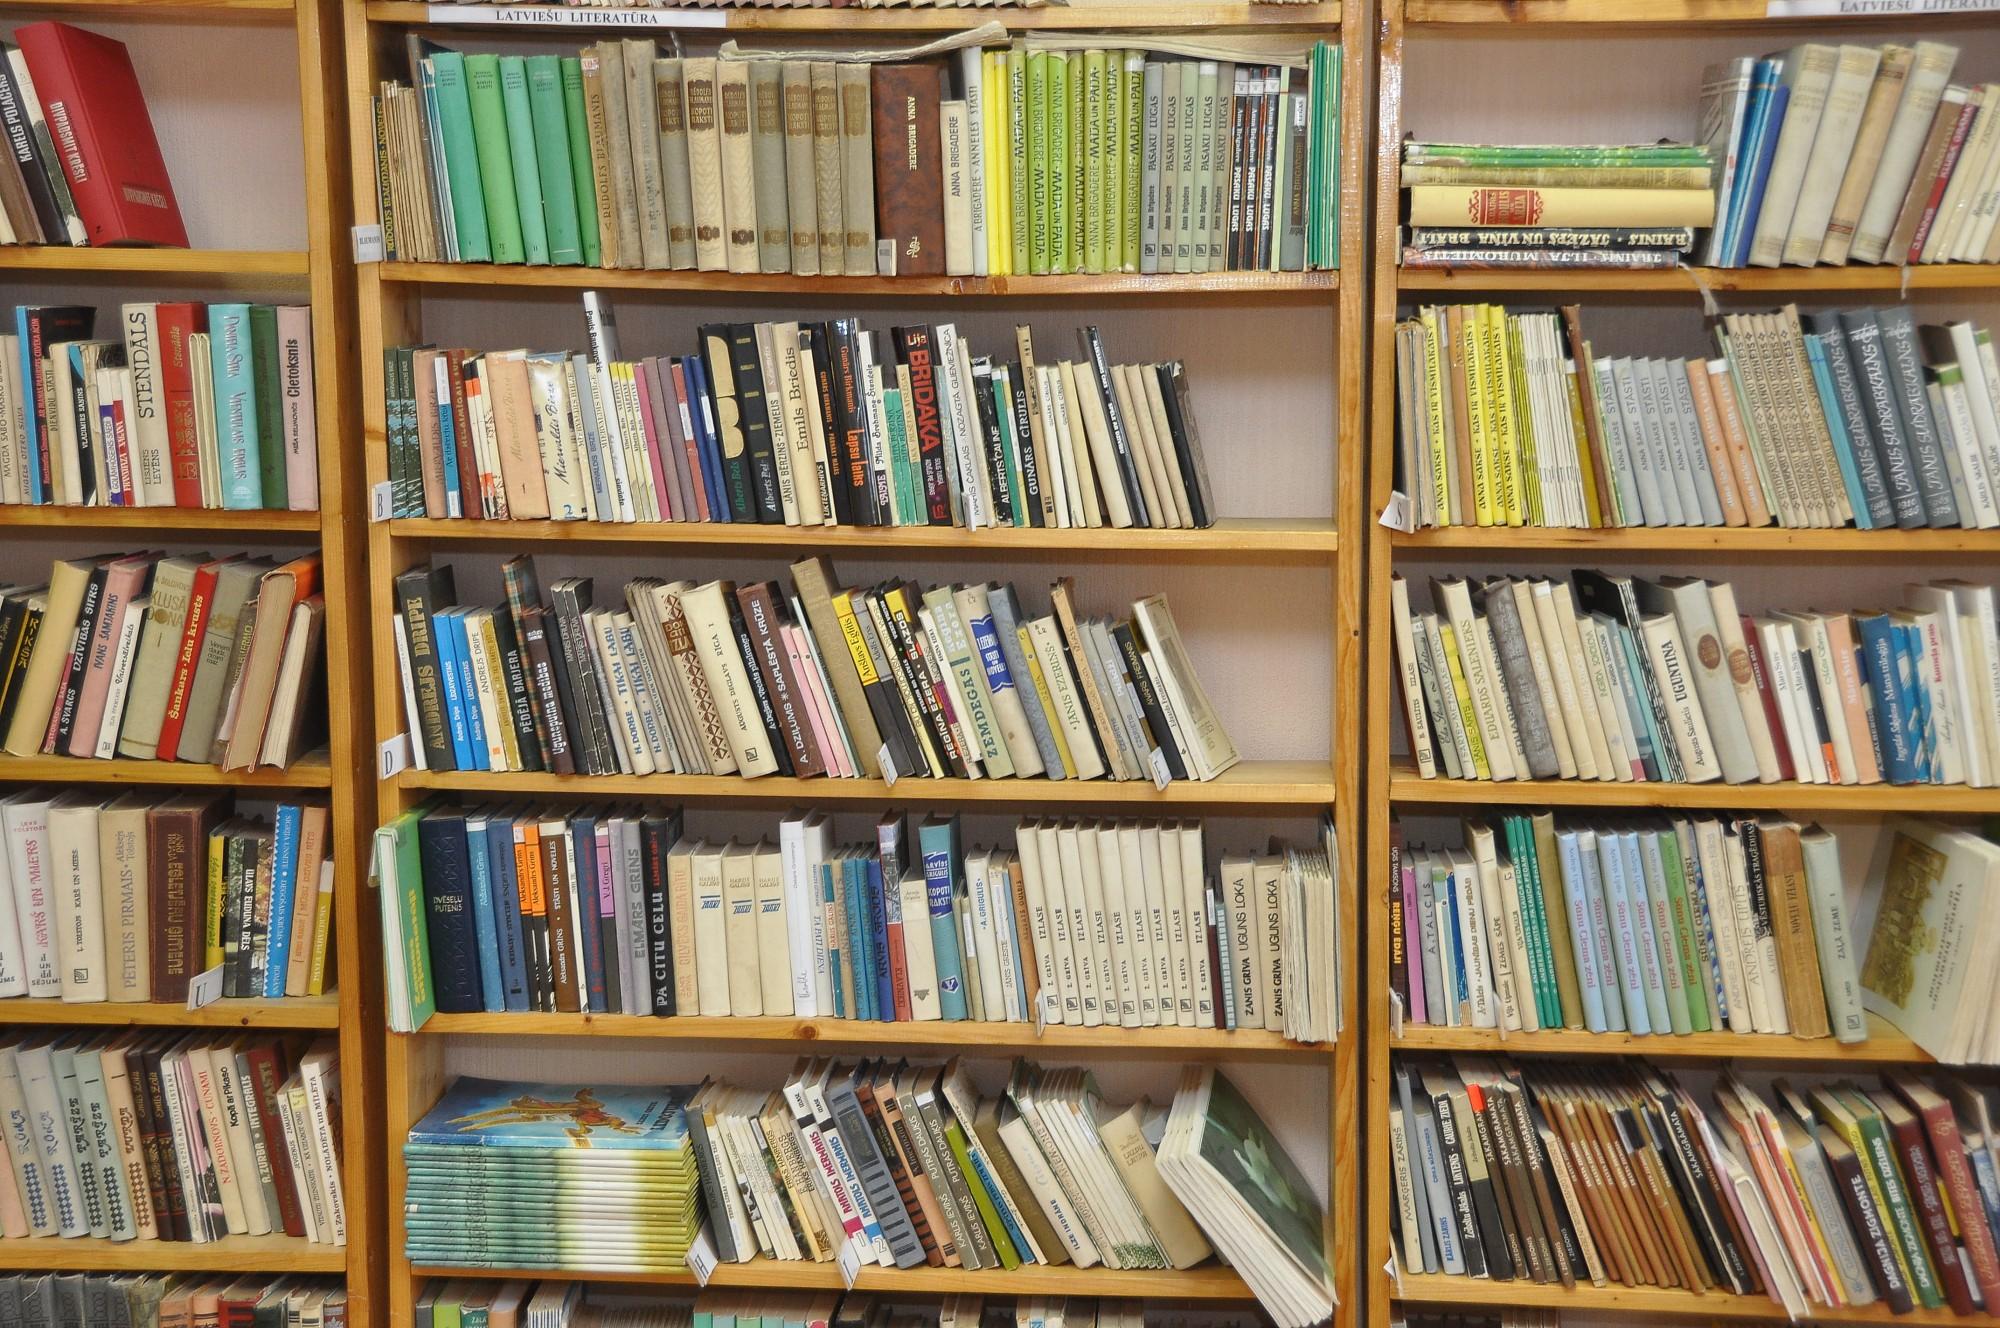 Bibliotēka slēgta pa blokiem